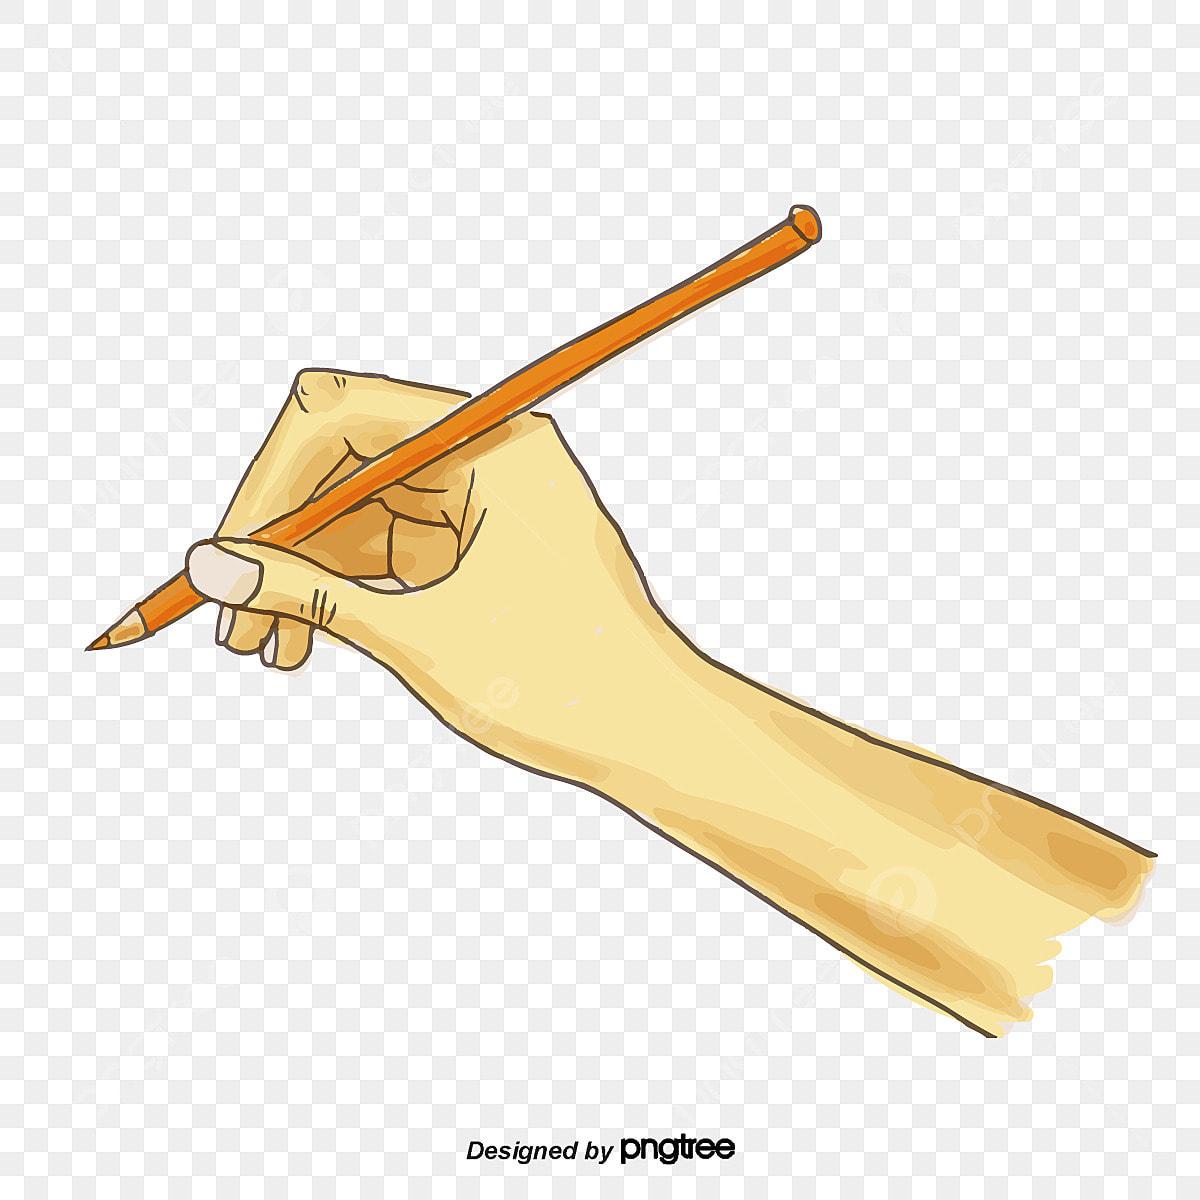 ناقلات الكتابة بخط اليد الكتابة المرسومة المتجه مرسومة باليد Png والمتجهات للتحميل مجانا